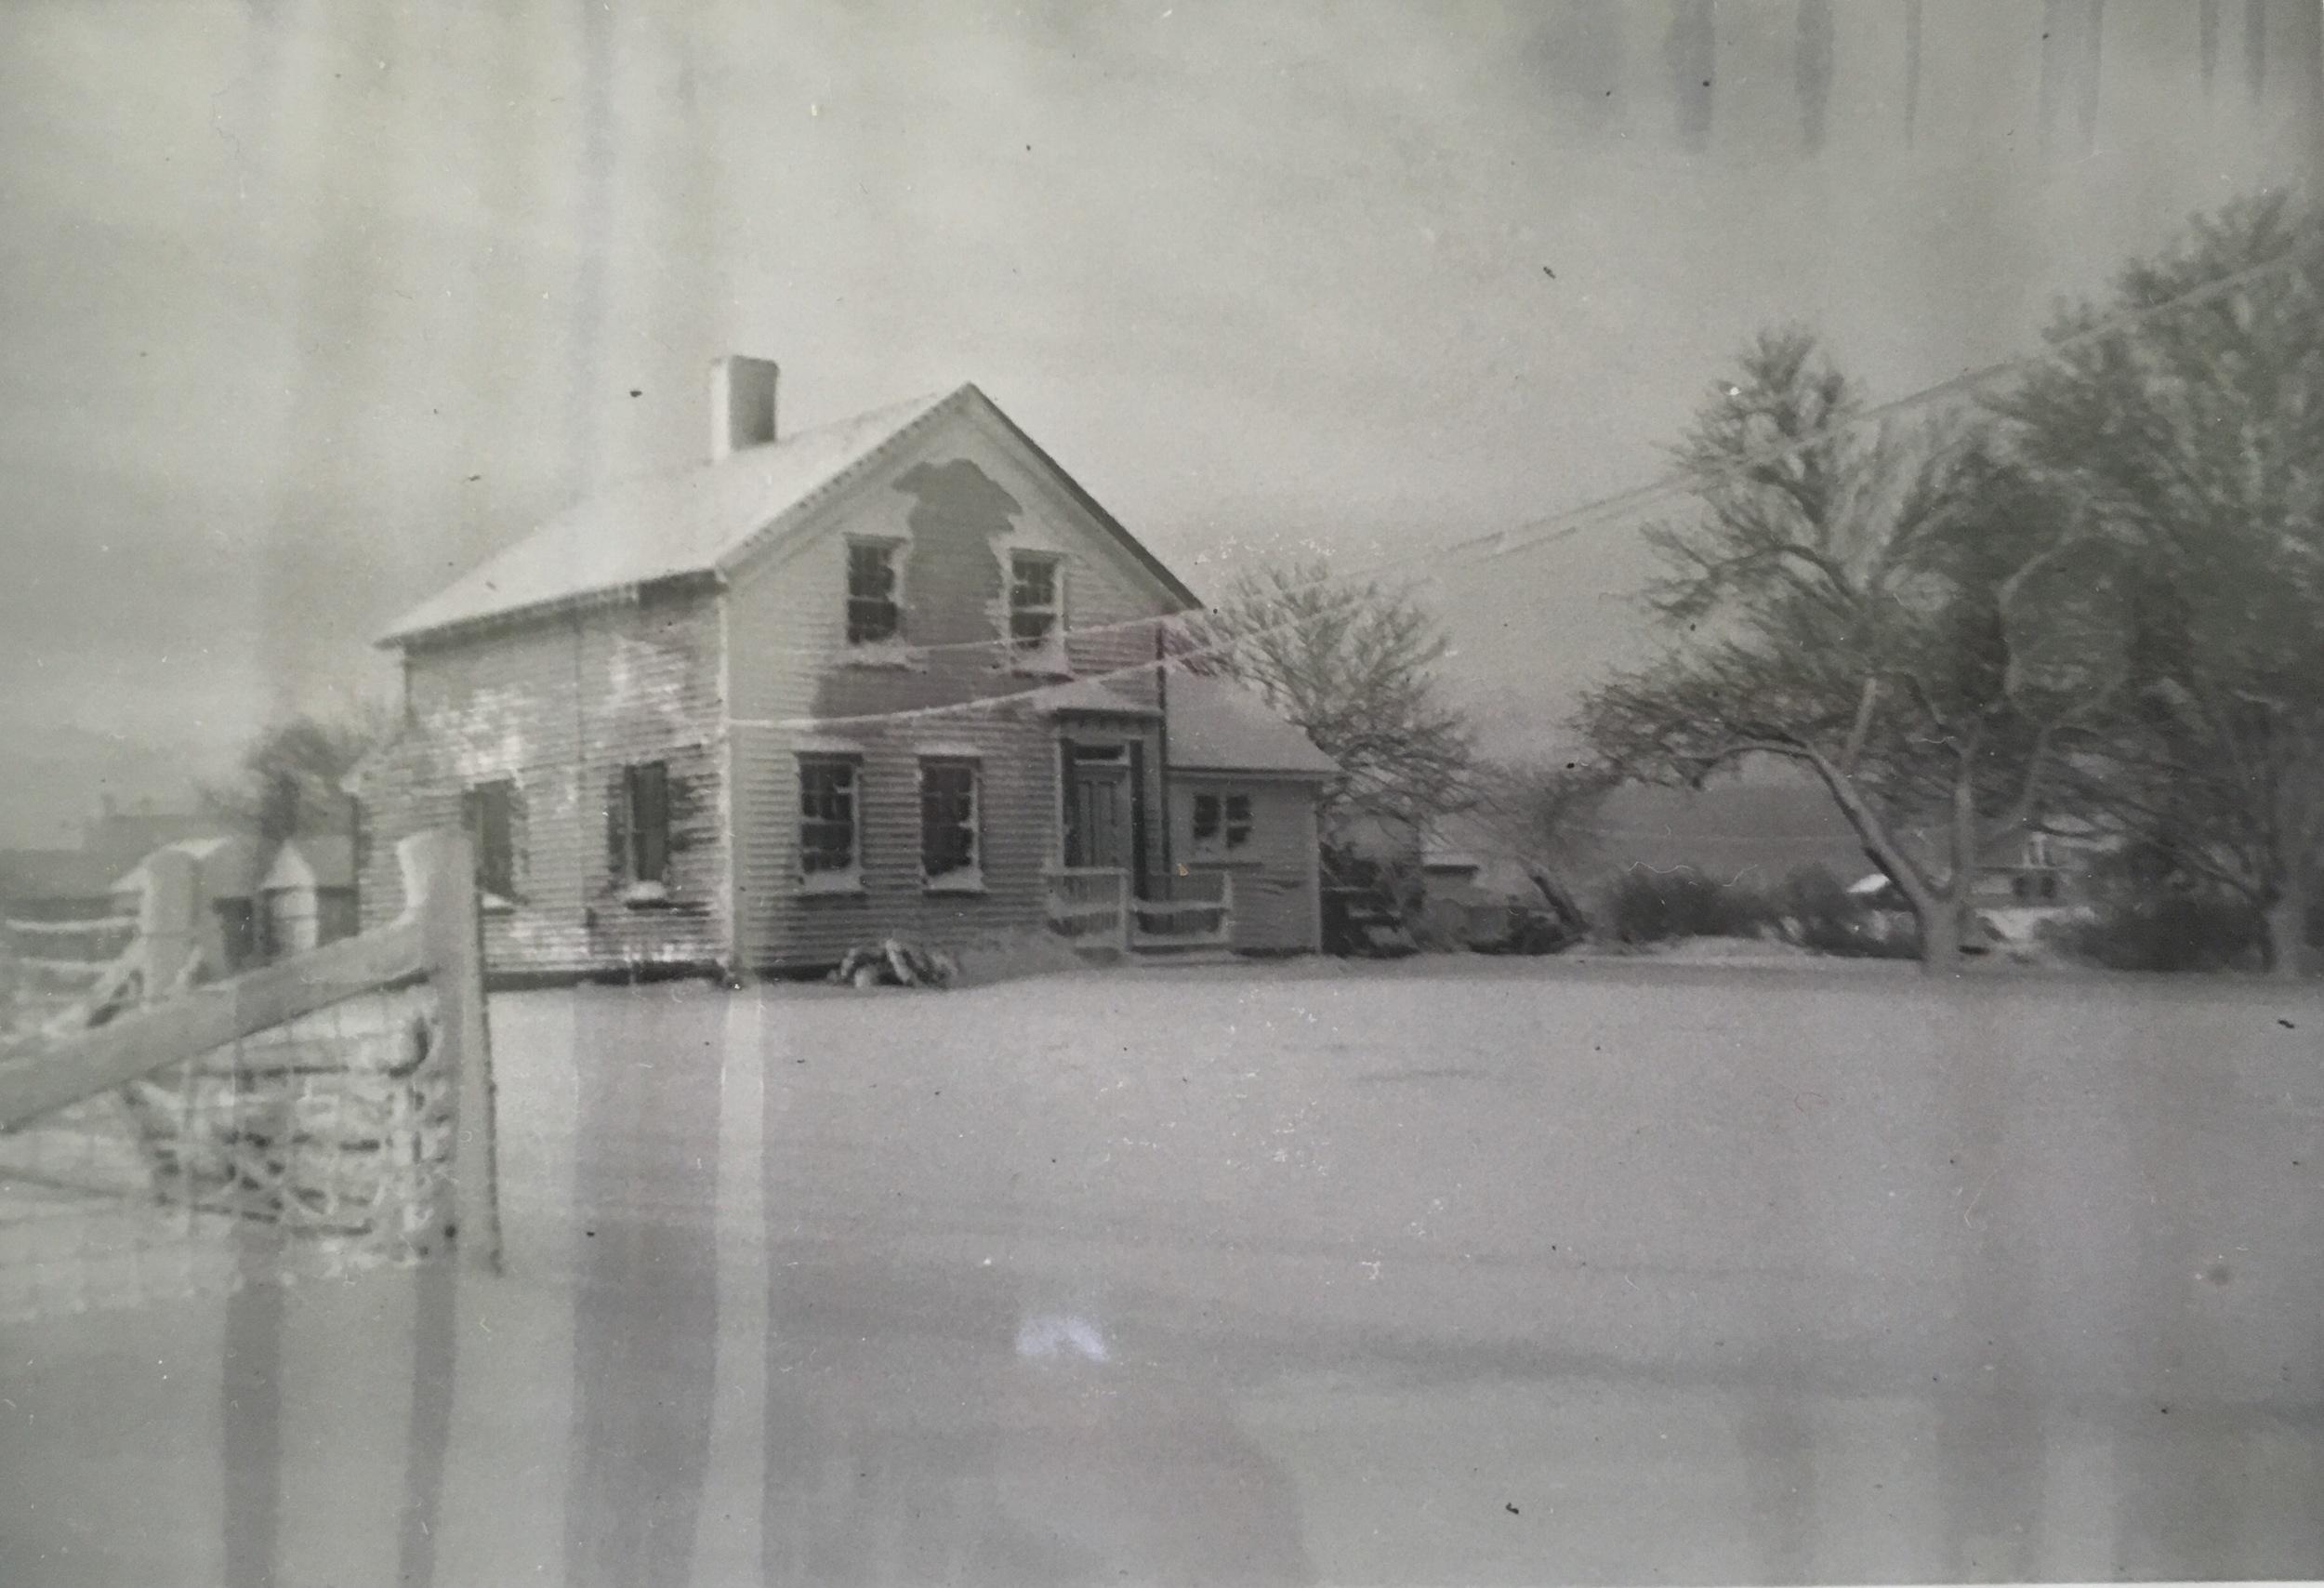 The house, built 1870.